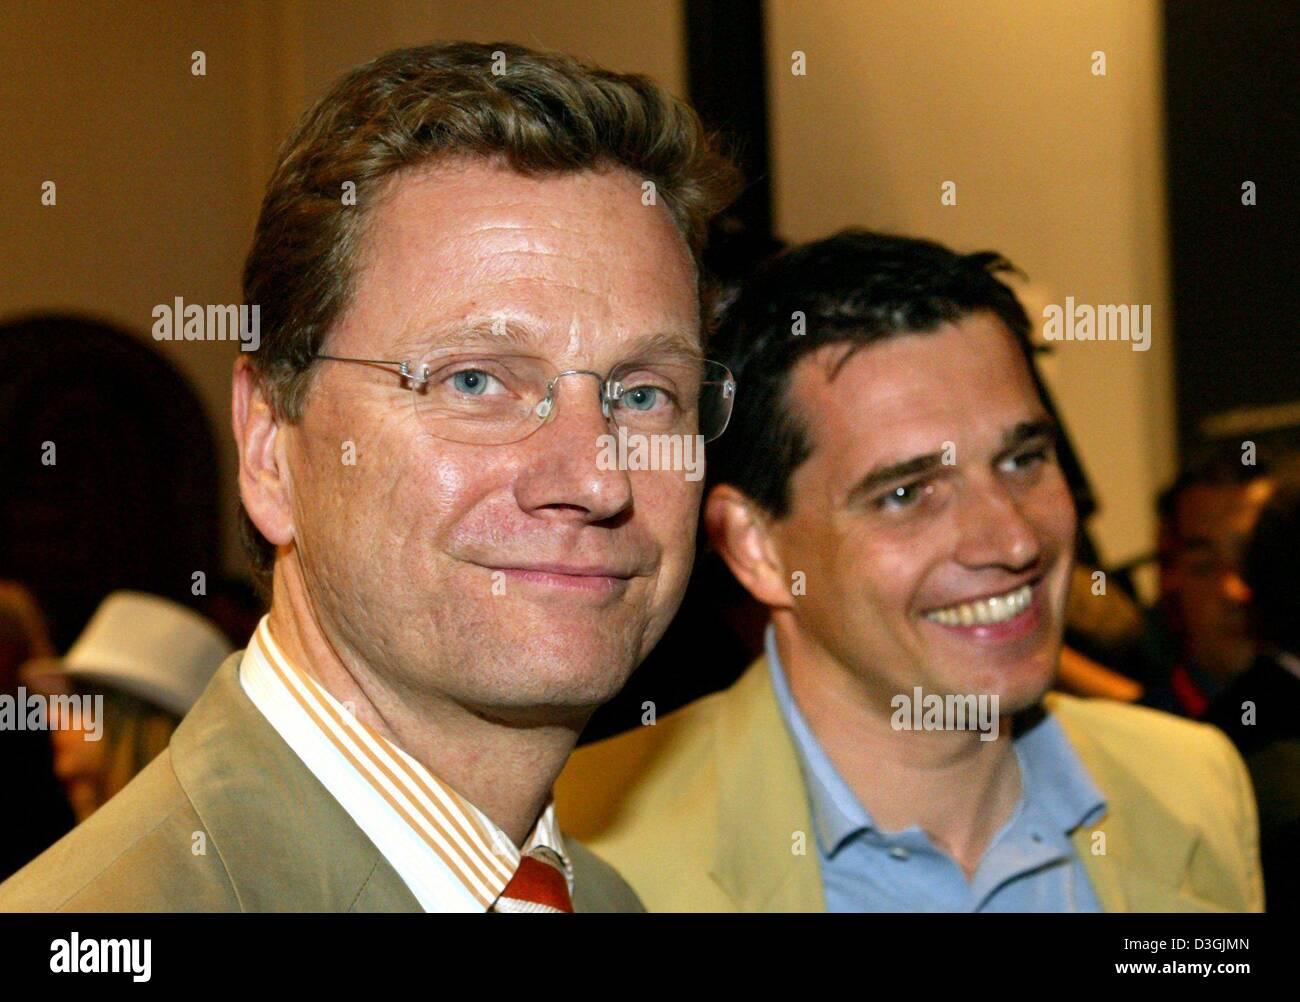 Dpa Liberale Partei Fdp Vorsitzender Guido Westerwelle L Und